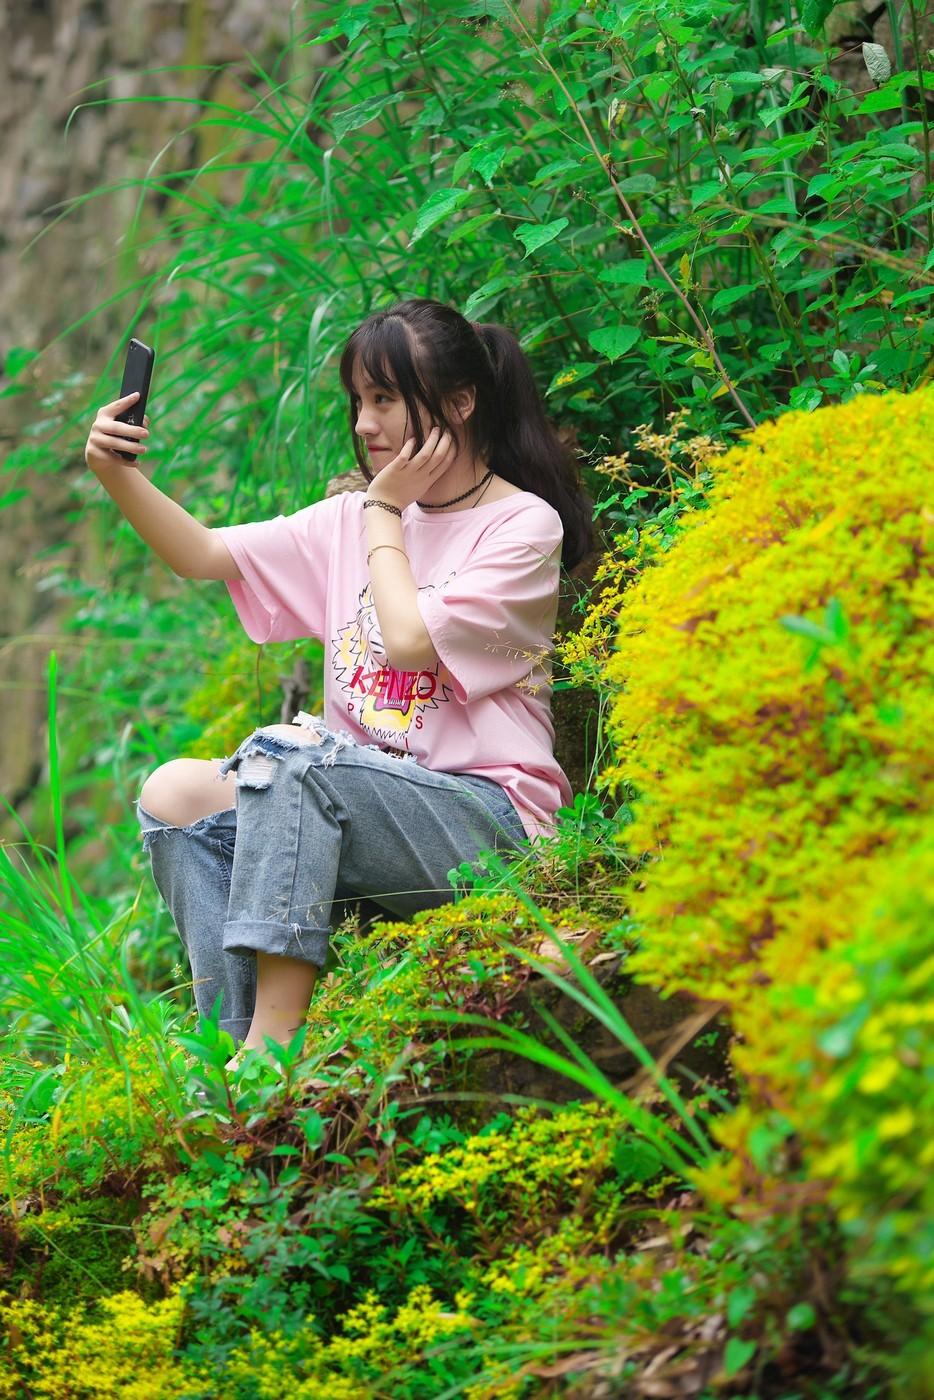 坐在山坡上的小姑娘【佛岭水库外拍】